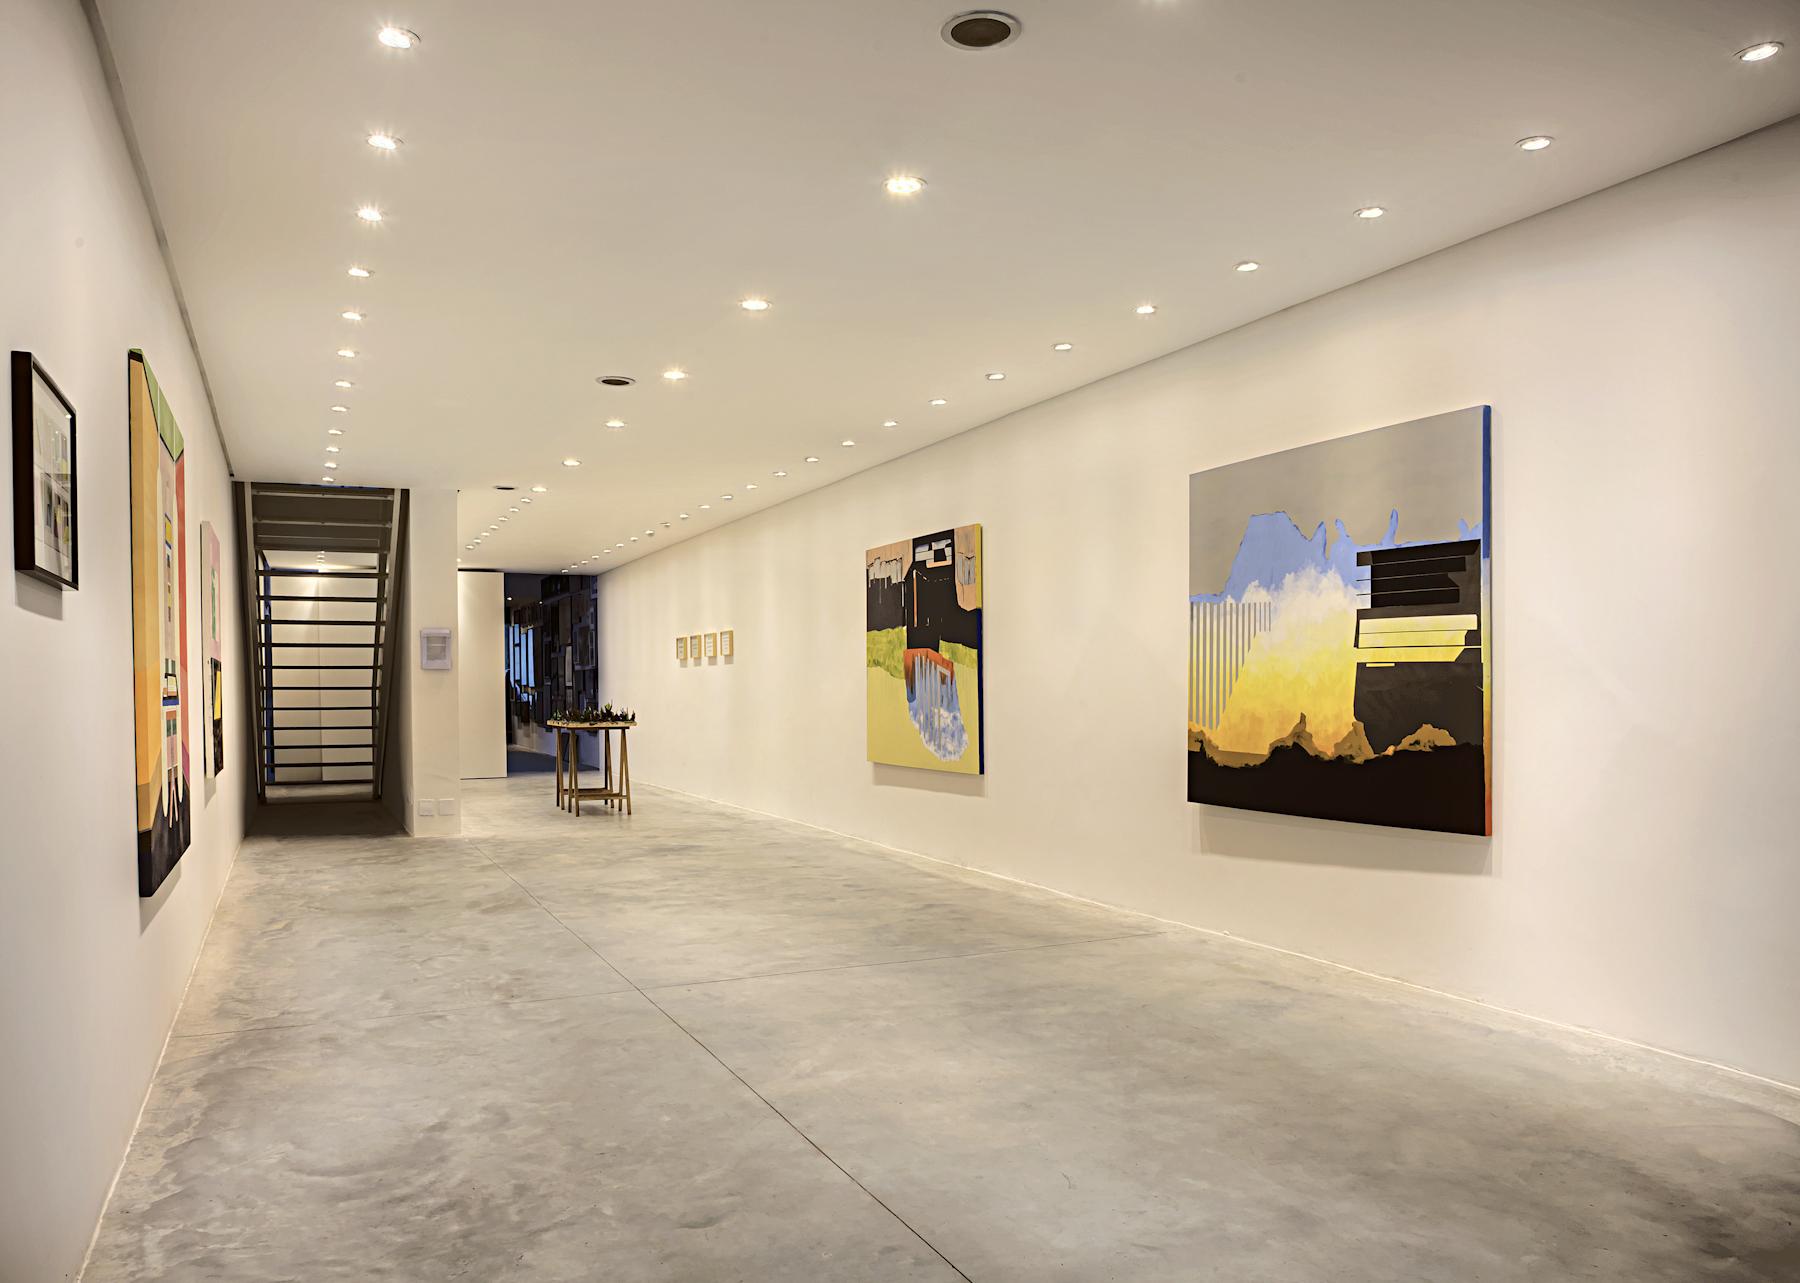 Arterix galeria de arte led tec brasil - Galeria de arte sorolla ...